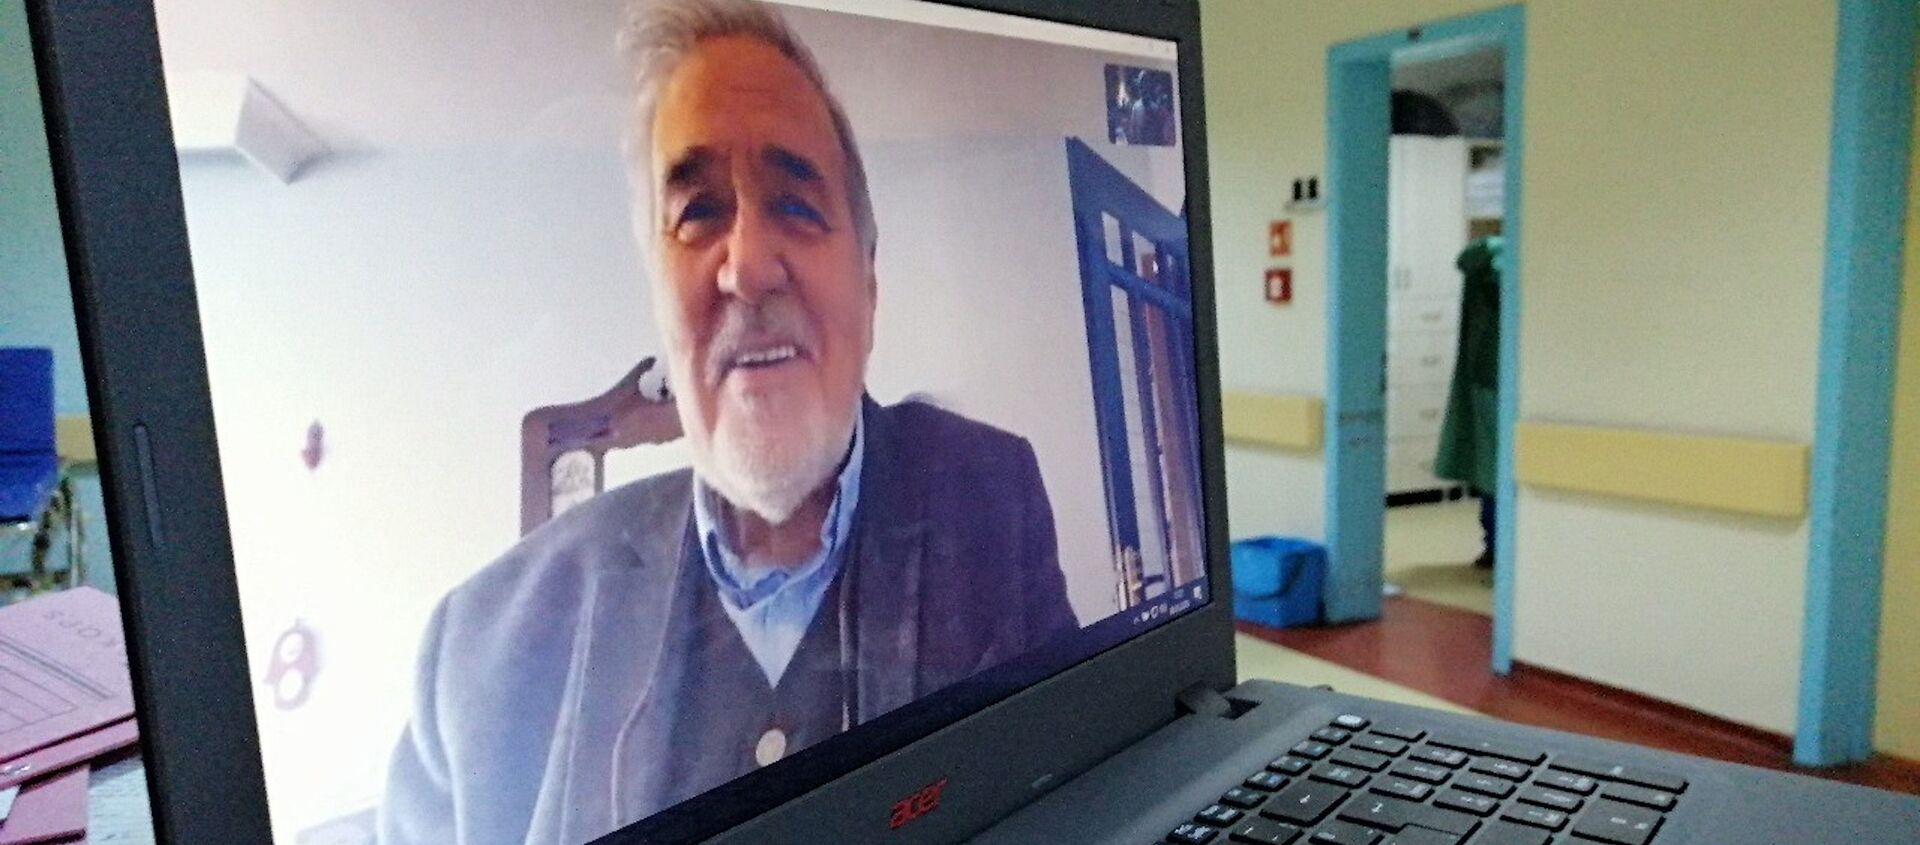 Tarihçi İlber Ortaylı, koronavirüsle mücadele eden sağlık çalışanlarıyla konuştu. - Sputnik Türkiye, 1920, 28.12.2020